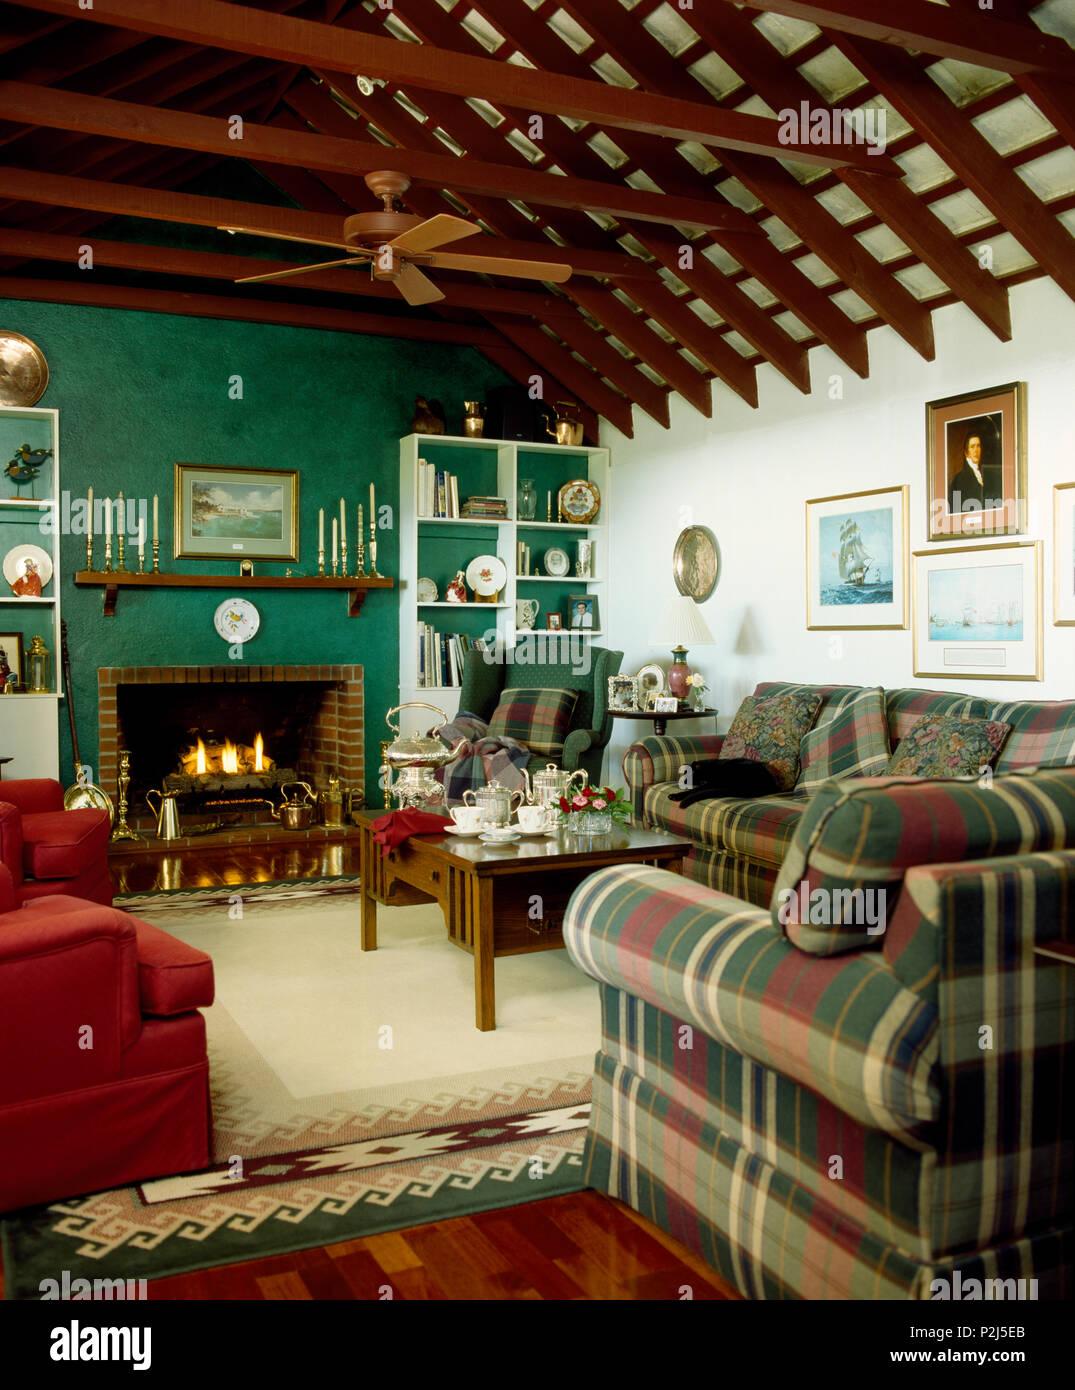 Rot + Grün gemusterten Sofas im grünen Wohnzimmer mit Ventilator an ...